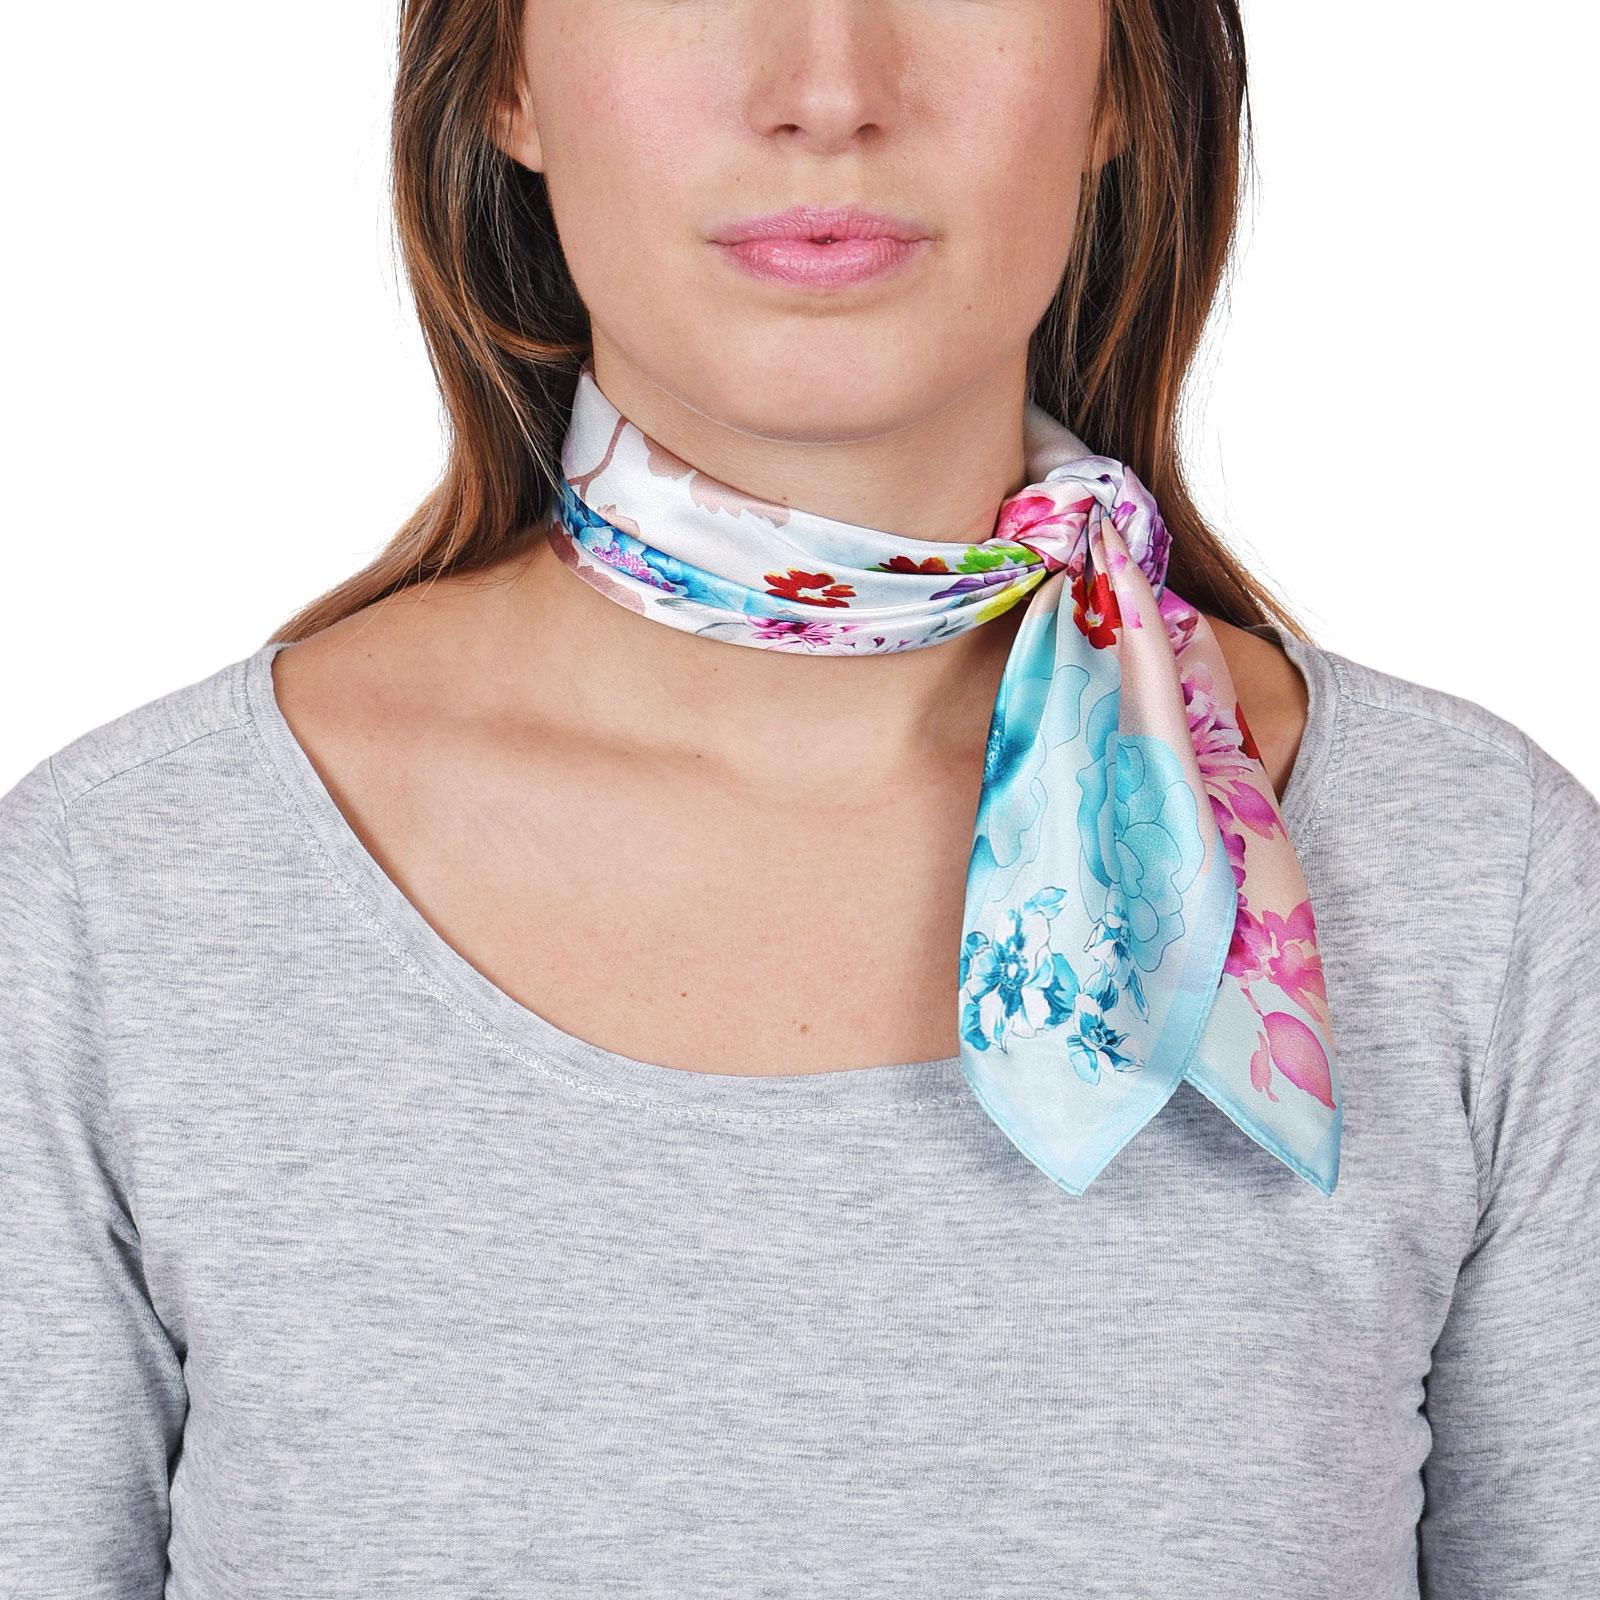 AT-04655-VF16-carre-soie-rose-bleu-floral